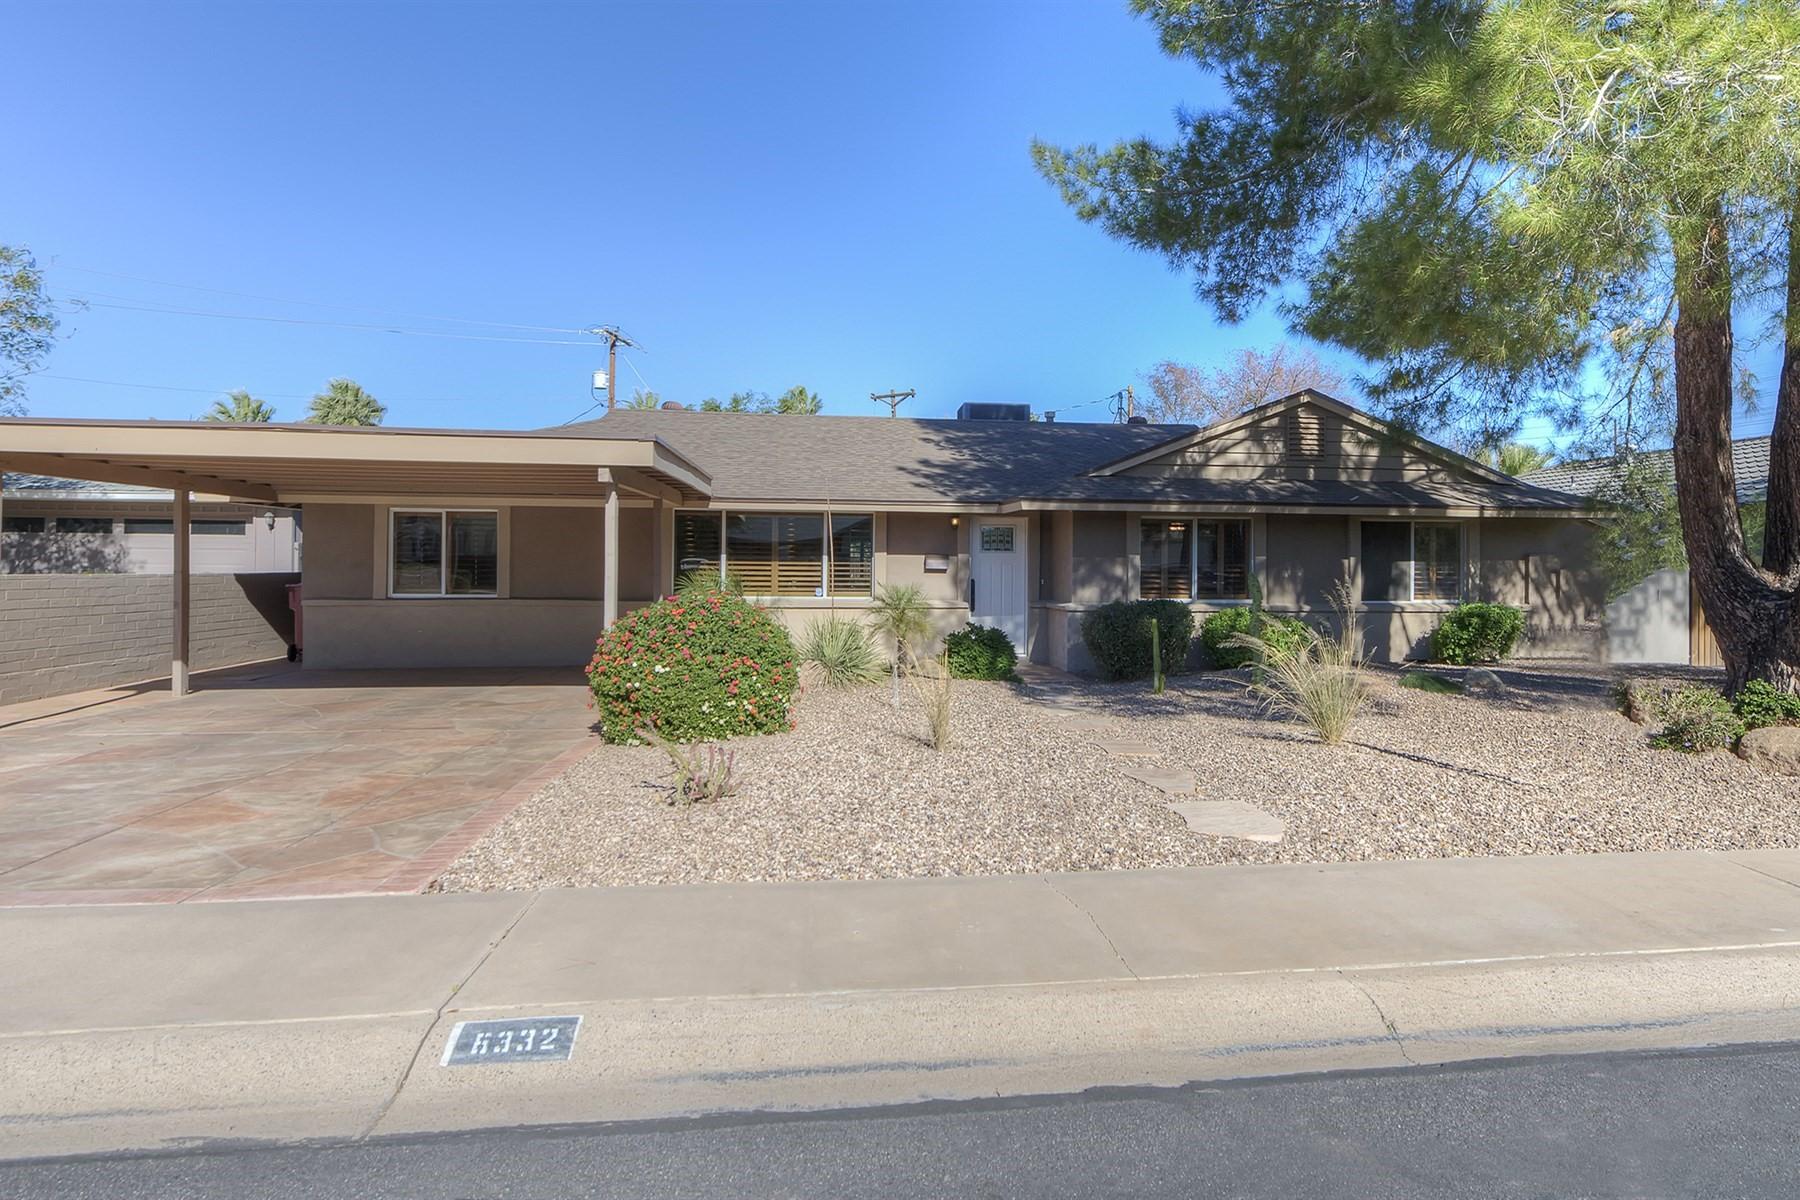 Moradia para Venda às charming ranch home in Melrose Meadows 6332 E Earll Dr Scottsdale, Arizona, 85251 Estados Unidos